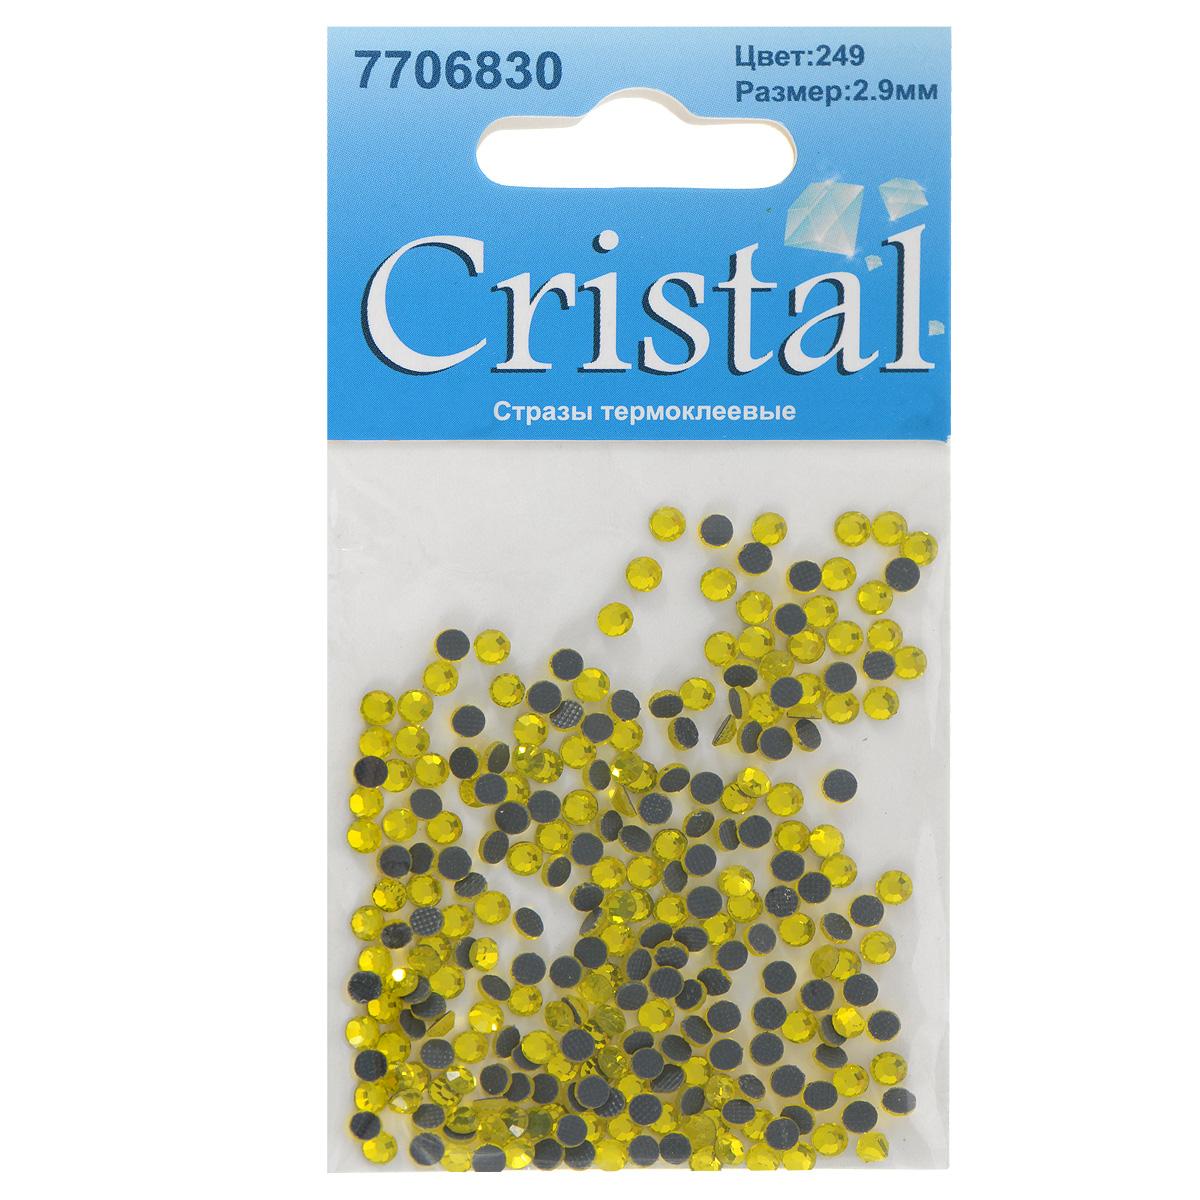 Стразы термоклеевые Cristal, цвет: желтый (249), диаметр 2,9 мм, 288 шт7706830_249Набор термоклеевых страз Cristal, изготовленный из высококачественного акрила, позволит вам украсить одежду, аксессуары или текстиль. Яркие стразы имеют плоское дно и круглую поверхность с гранями.Дно термоклеевых страз уже обработано особым клеем, который под воздействием высоких температур начинает плавиться, приклеиваясь, таким образом, к требуемой поверхности. Чаще всего их используют в текстильной промышленности: стразы прикладывают к ткани и проглаживают утюгом с обратной стороны. Также можно использовать специальный паяльник. Украшение стразами поможет сделать любую вещь оригинальной и неповторимой. Диаметр страз: 2,9 мм.